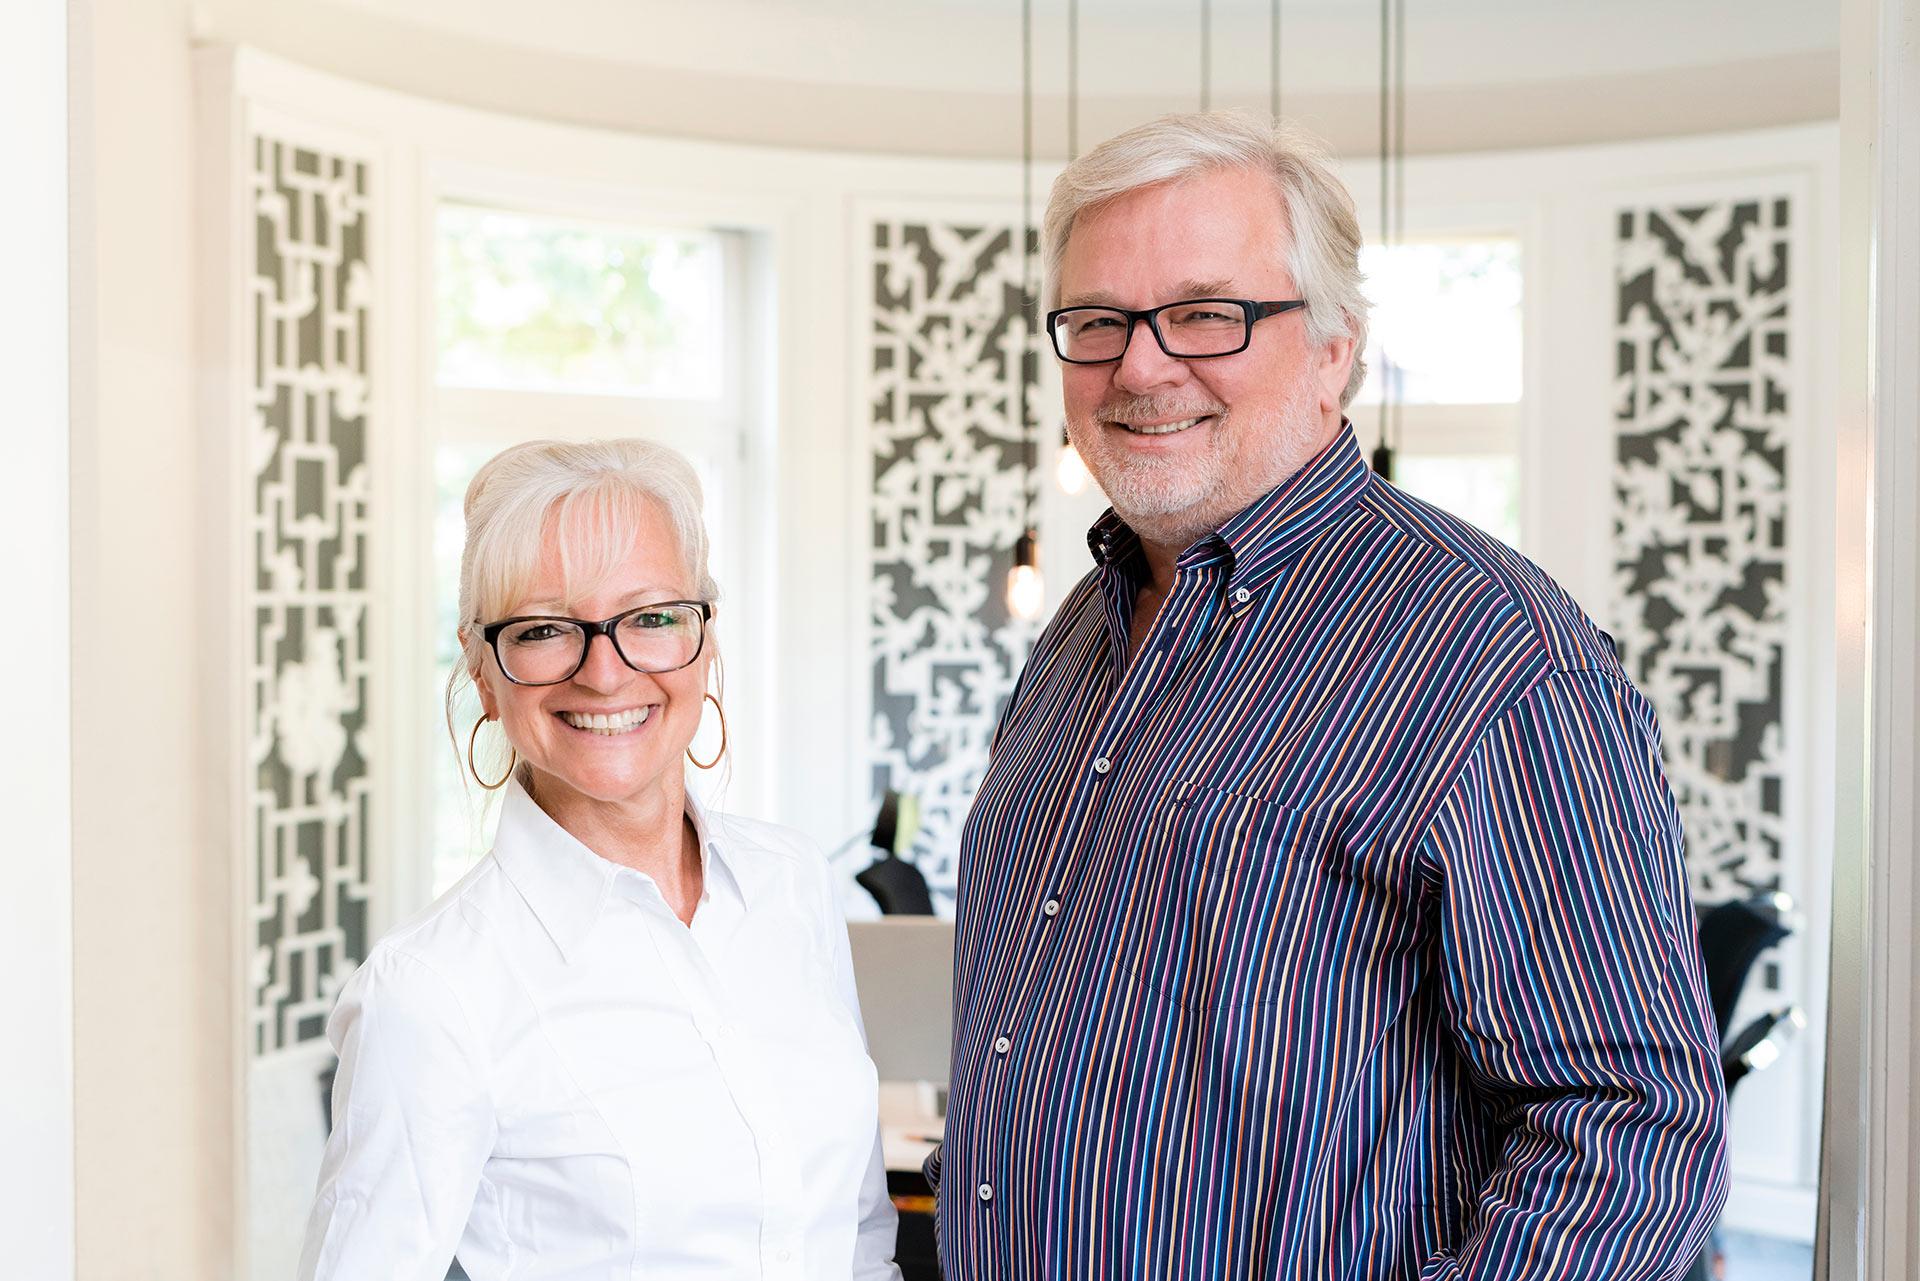 Die Geschäftsführer und Inhaber von JOI-Design. Corinna Kretschmar-Joehnk und Peter Joehnk.